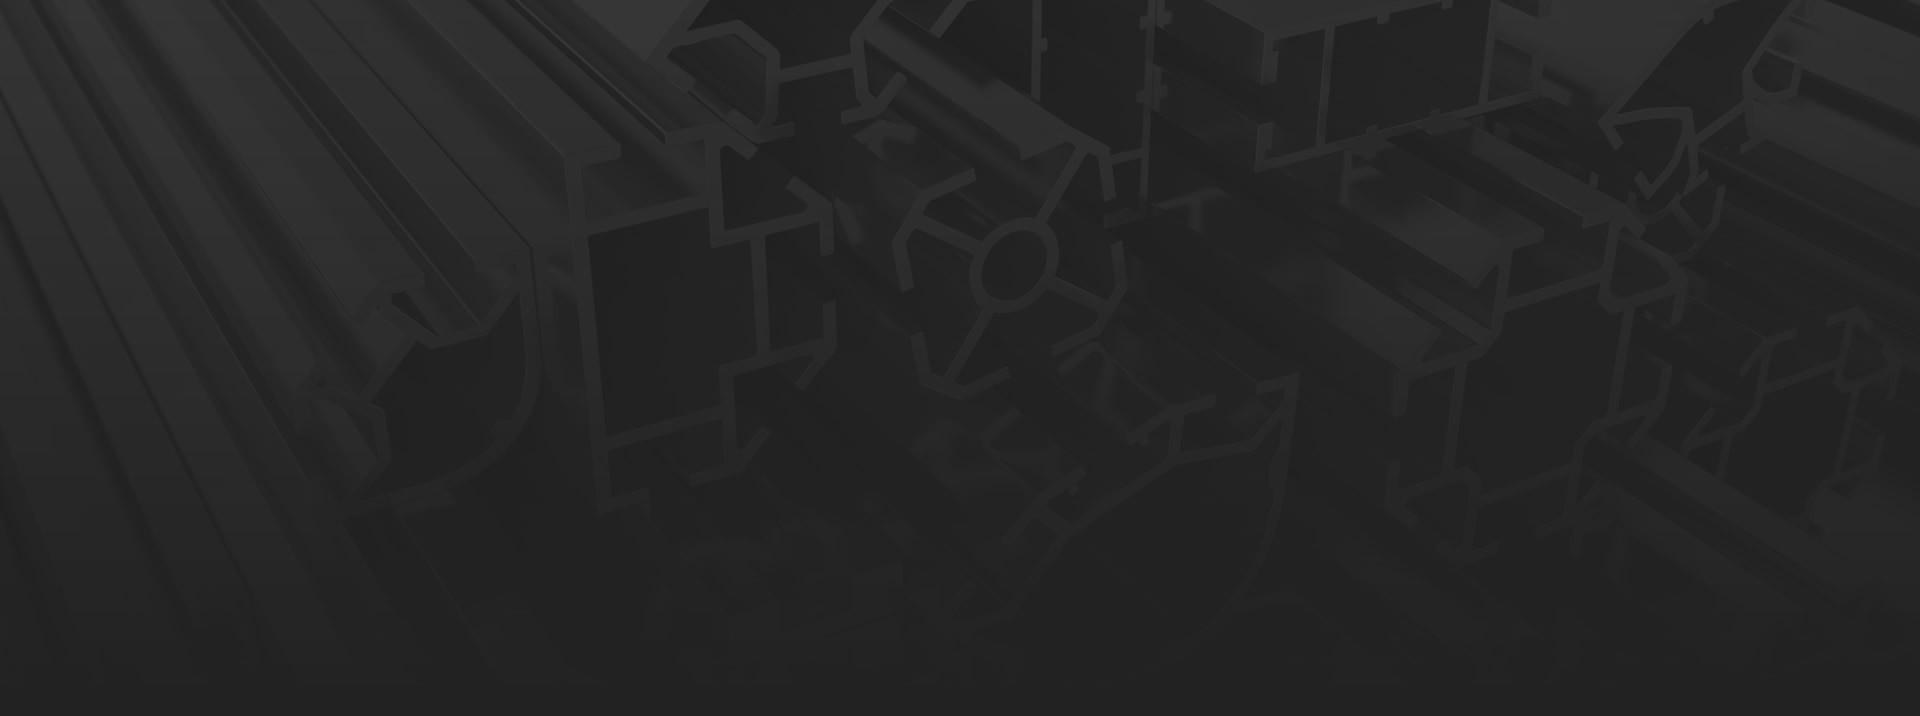 Emmegisoft Slide News 02 br